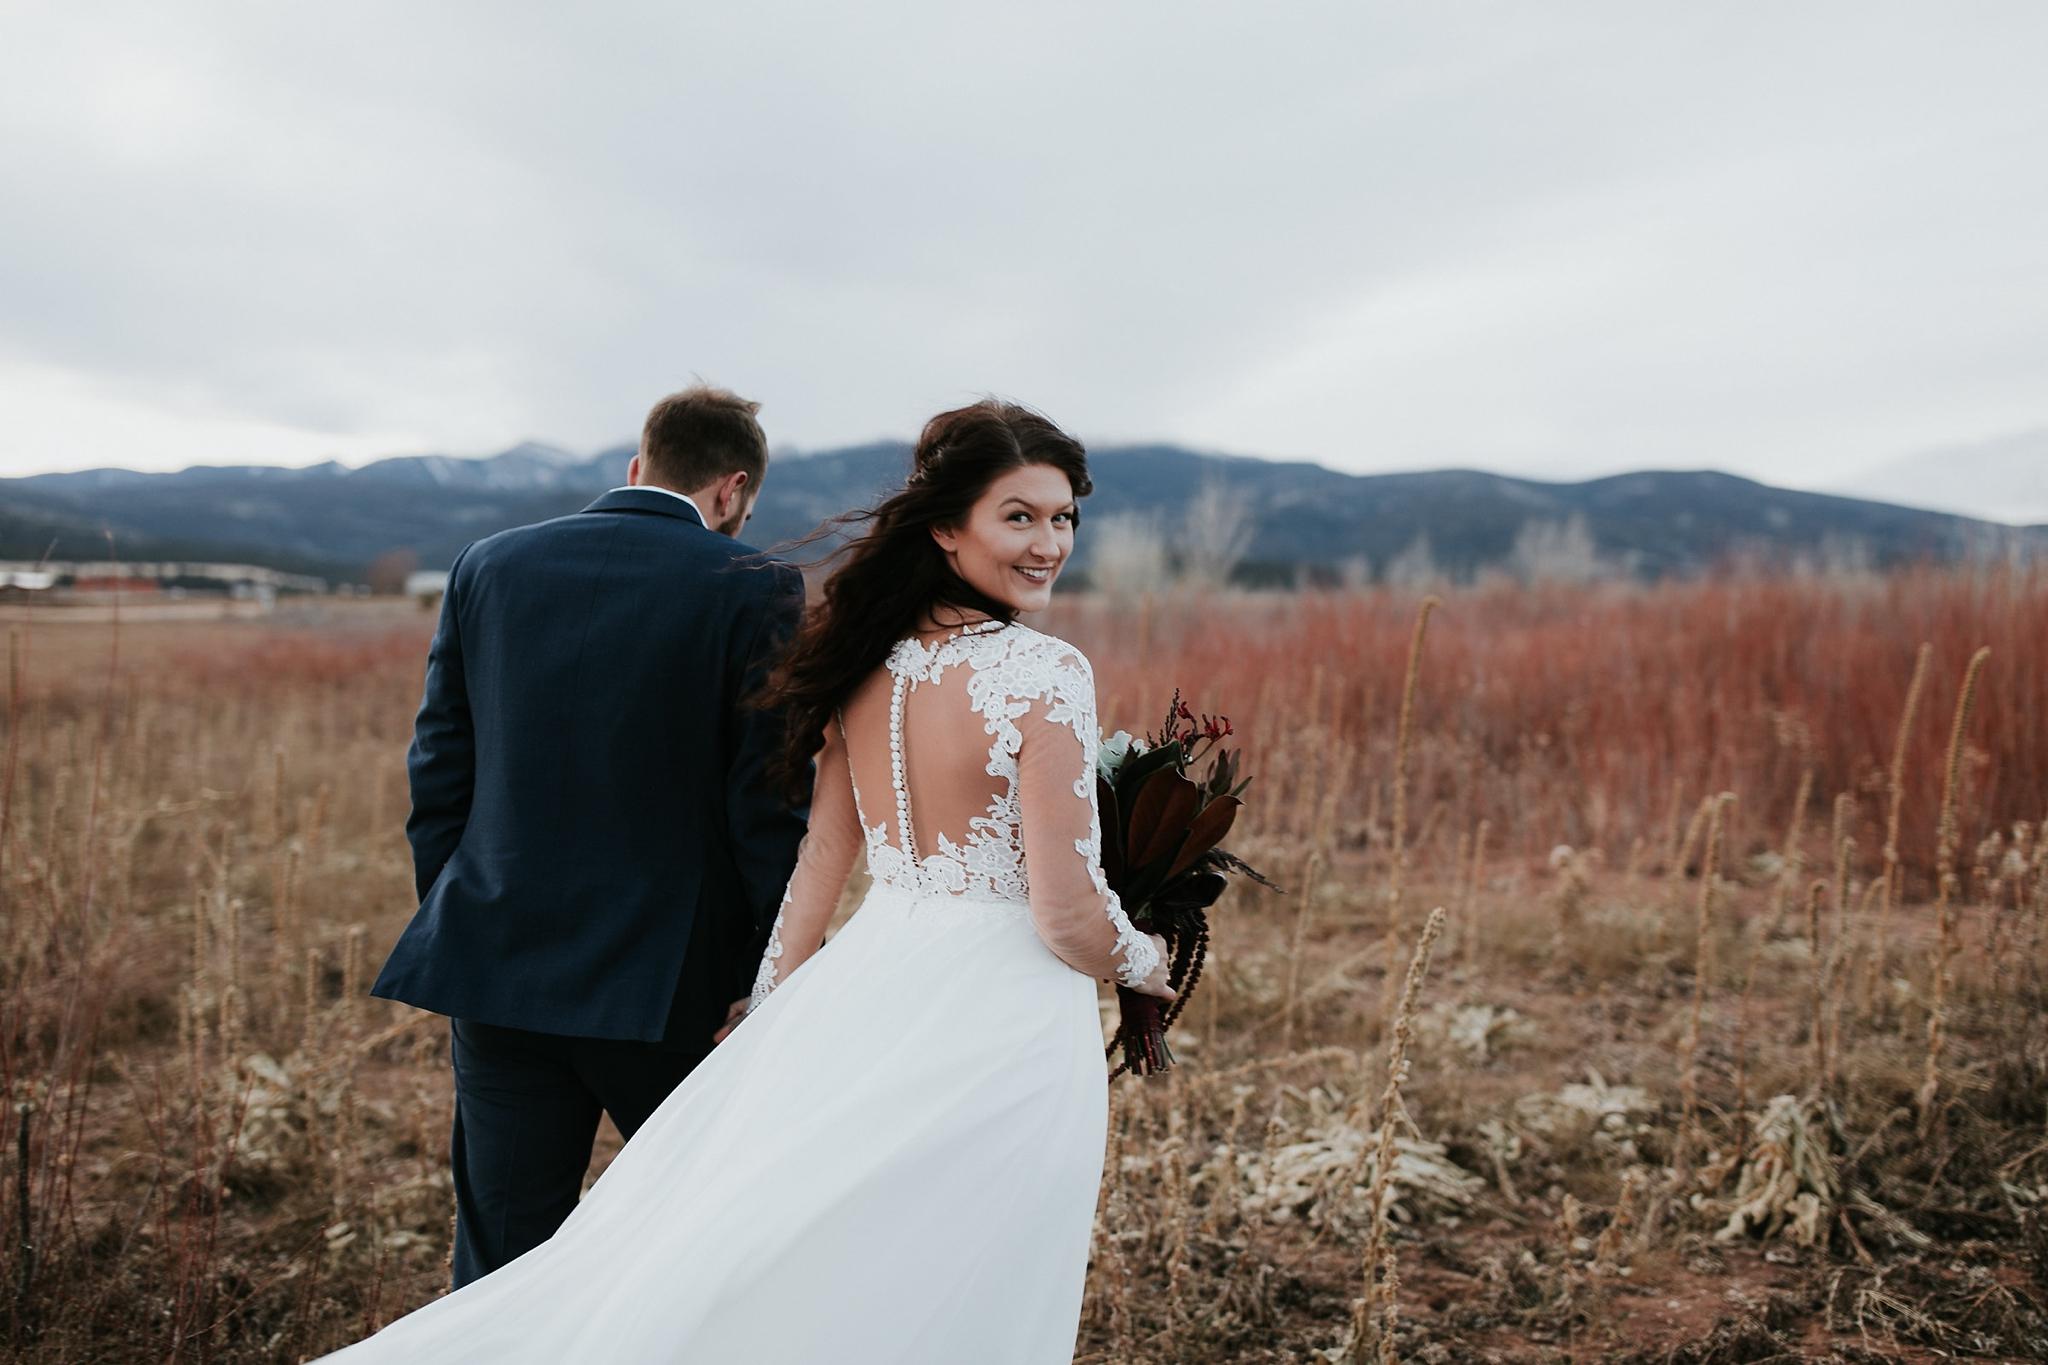 Alicia+lucia+photography+-+albuquerque+wedding+photographer+-+santa+fe+wedding+photography+-+new+mexico+wedding+photographer+-+new+mexico+wedding+-+wedding+photographer+-+wedding+photographer+team_0262.jpg